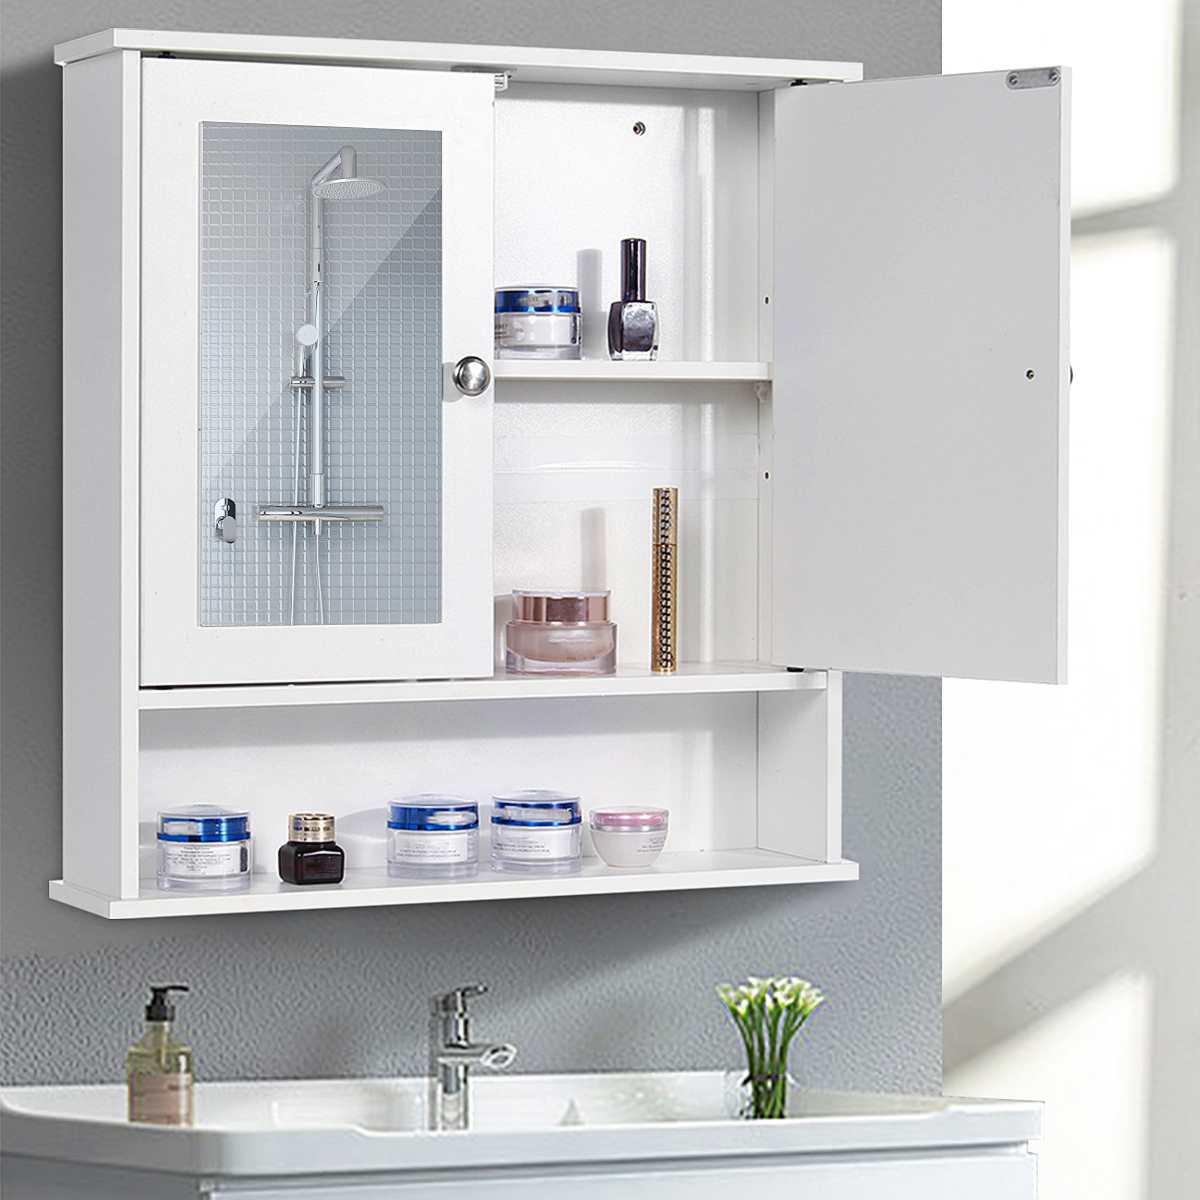 58x56x13cm Armoire De Salle De Bain Avec Miroir Mural Salle De Bain Toilette Meubles Armoire Armoire Etagere Cosmetique Storager Aliexpress